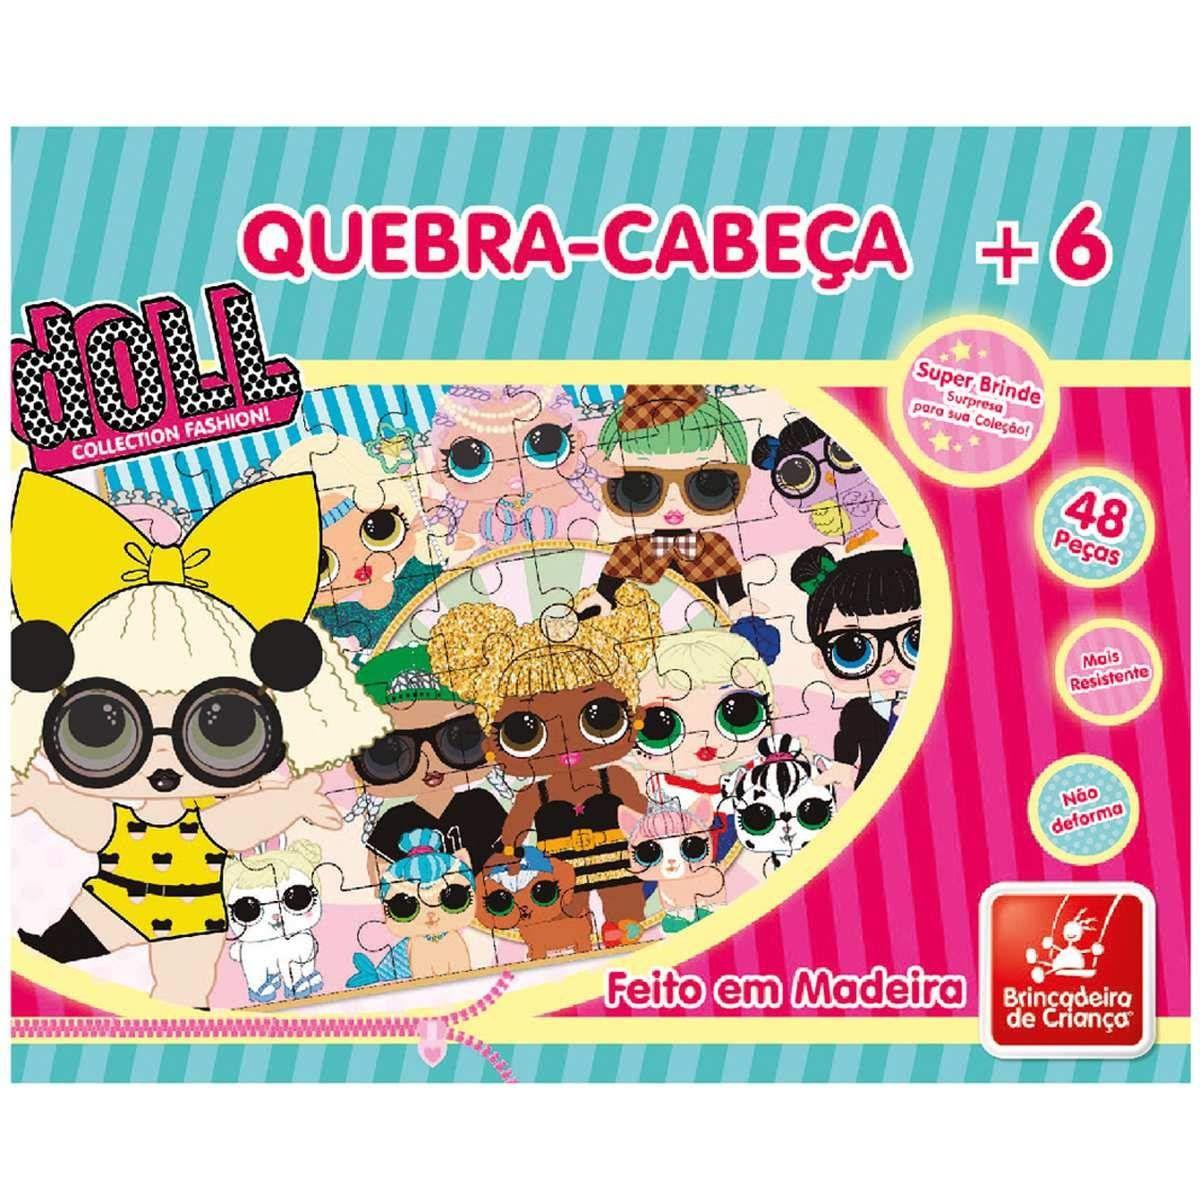 Quebra-cabeça Doll 48 Peças em Madeira - Brincadeira de Criança